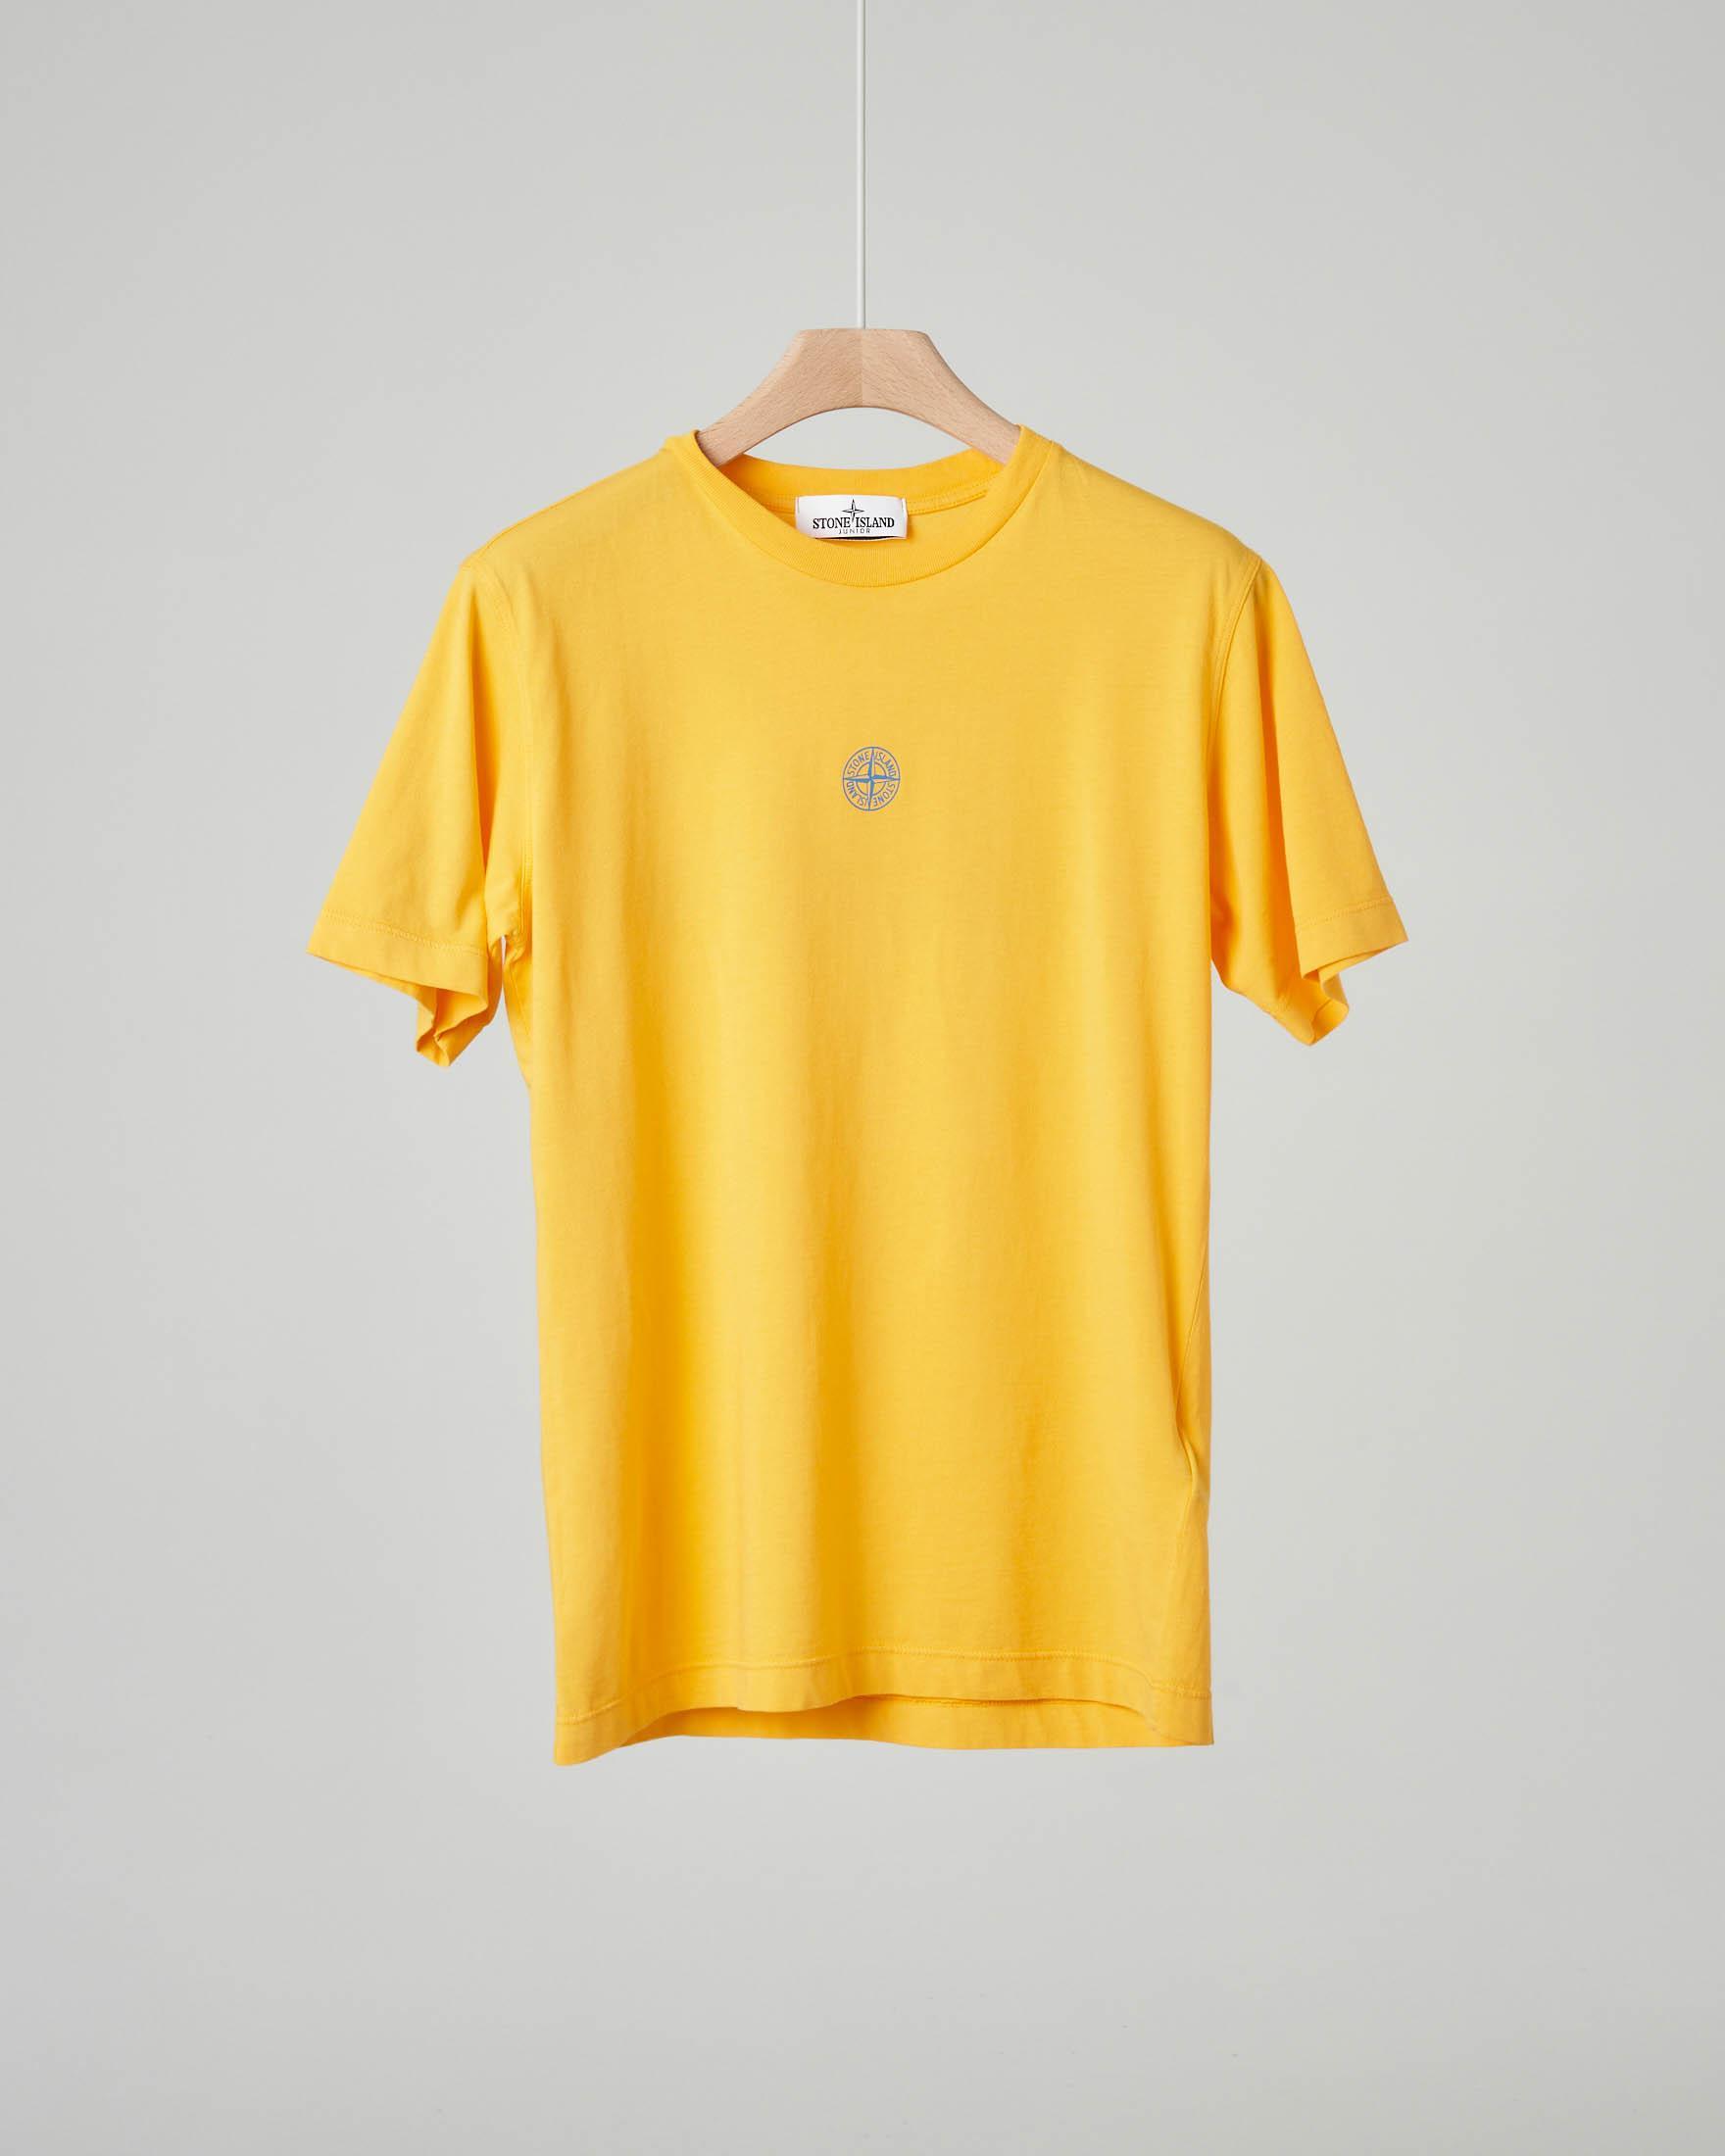 T-shirt gialla con stampa logo e rosa dei venti sul retro 10-14 anni